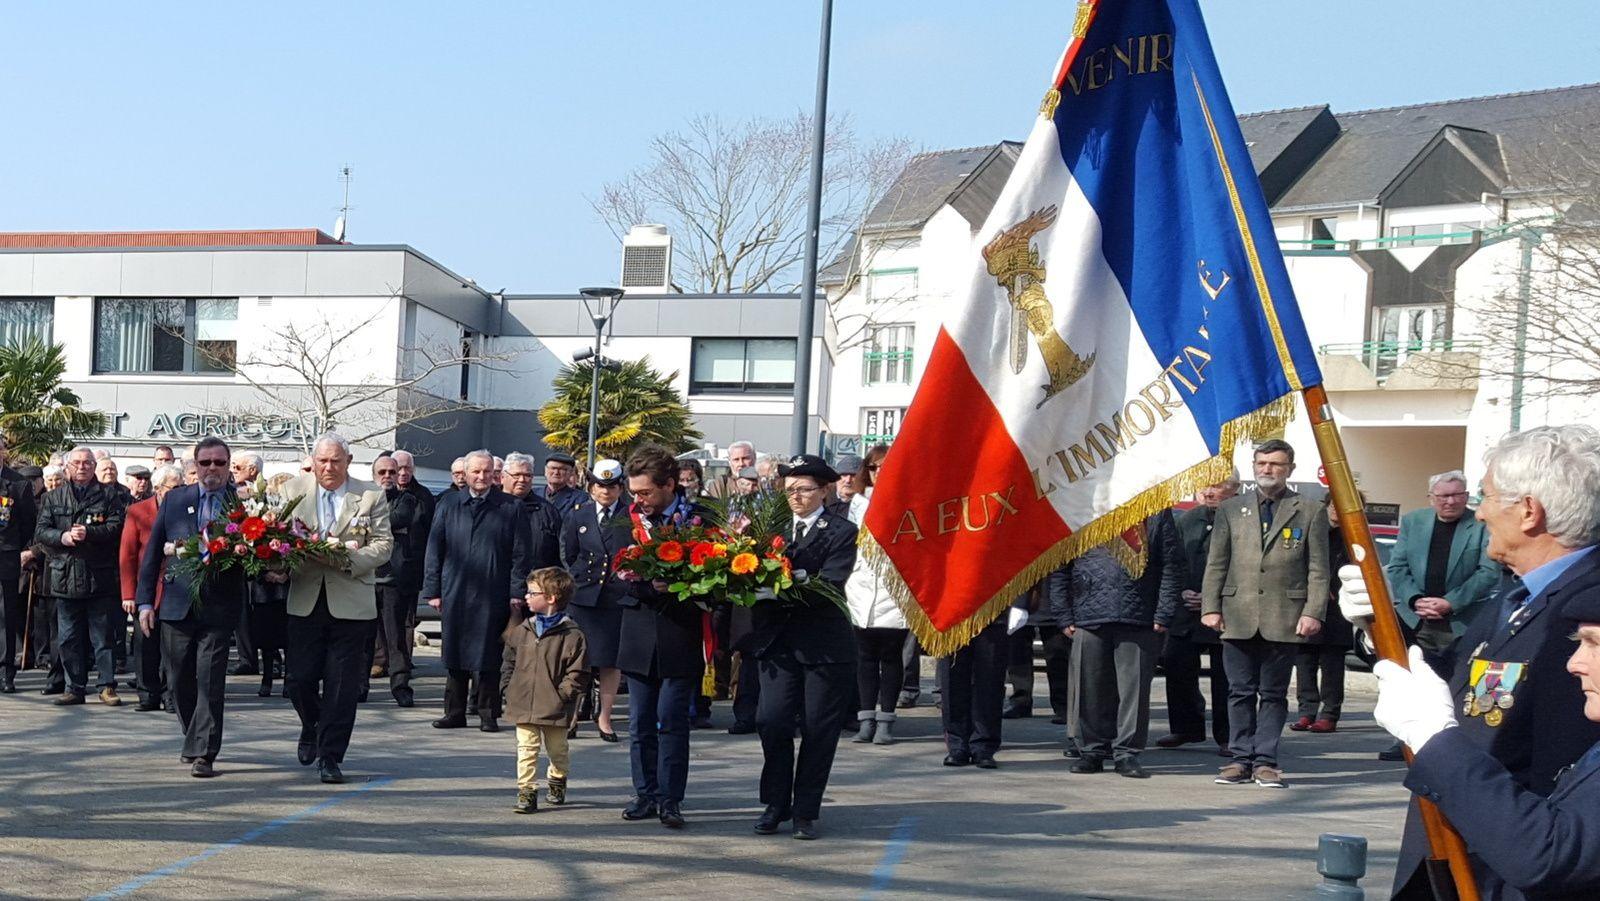 PLOEMEUR : Journée Nationale du souvenir et de recueillement à la mémoire des victimes civiles et militaires de la guerre d'Algérie et des combats en Tunisie et au Maroc